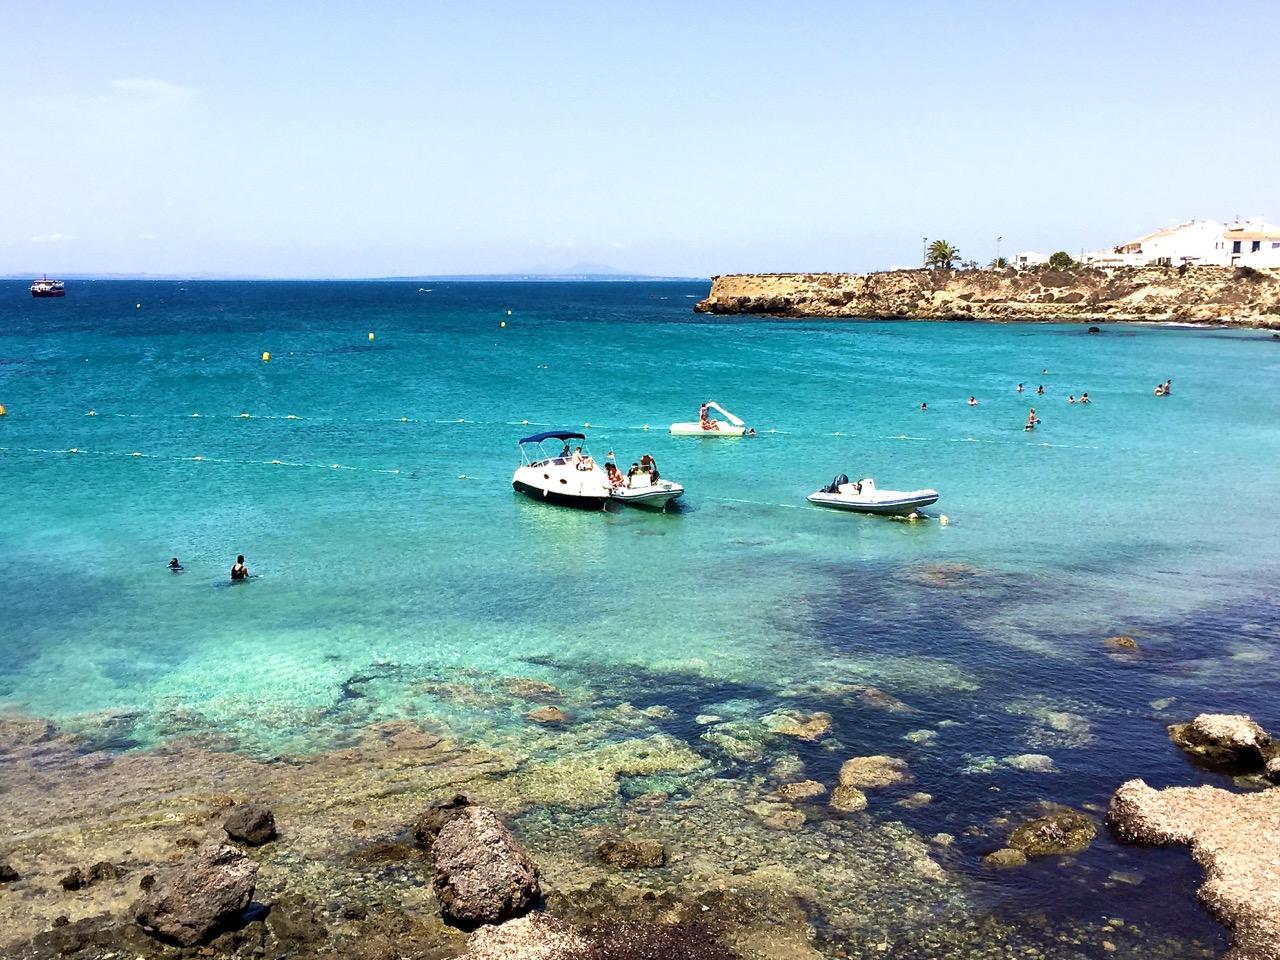 Si no se puede viajar a Formentera por la razón que sea, Tabarca siempre es el sustituto ideal